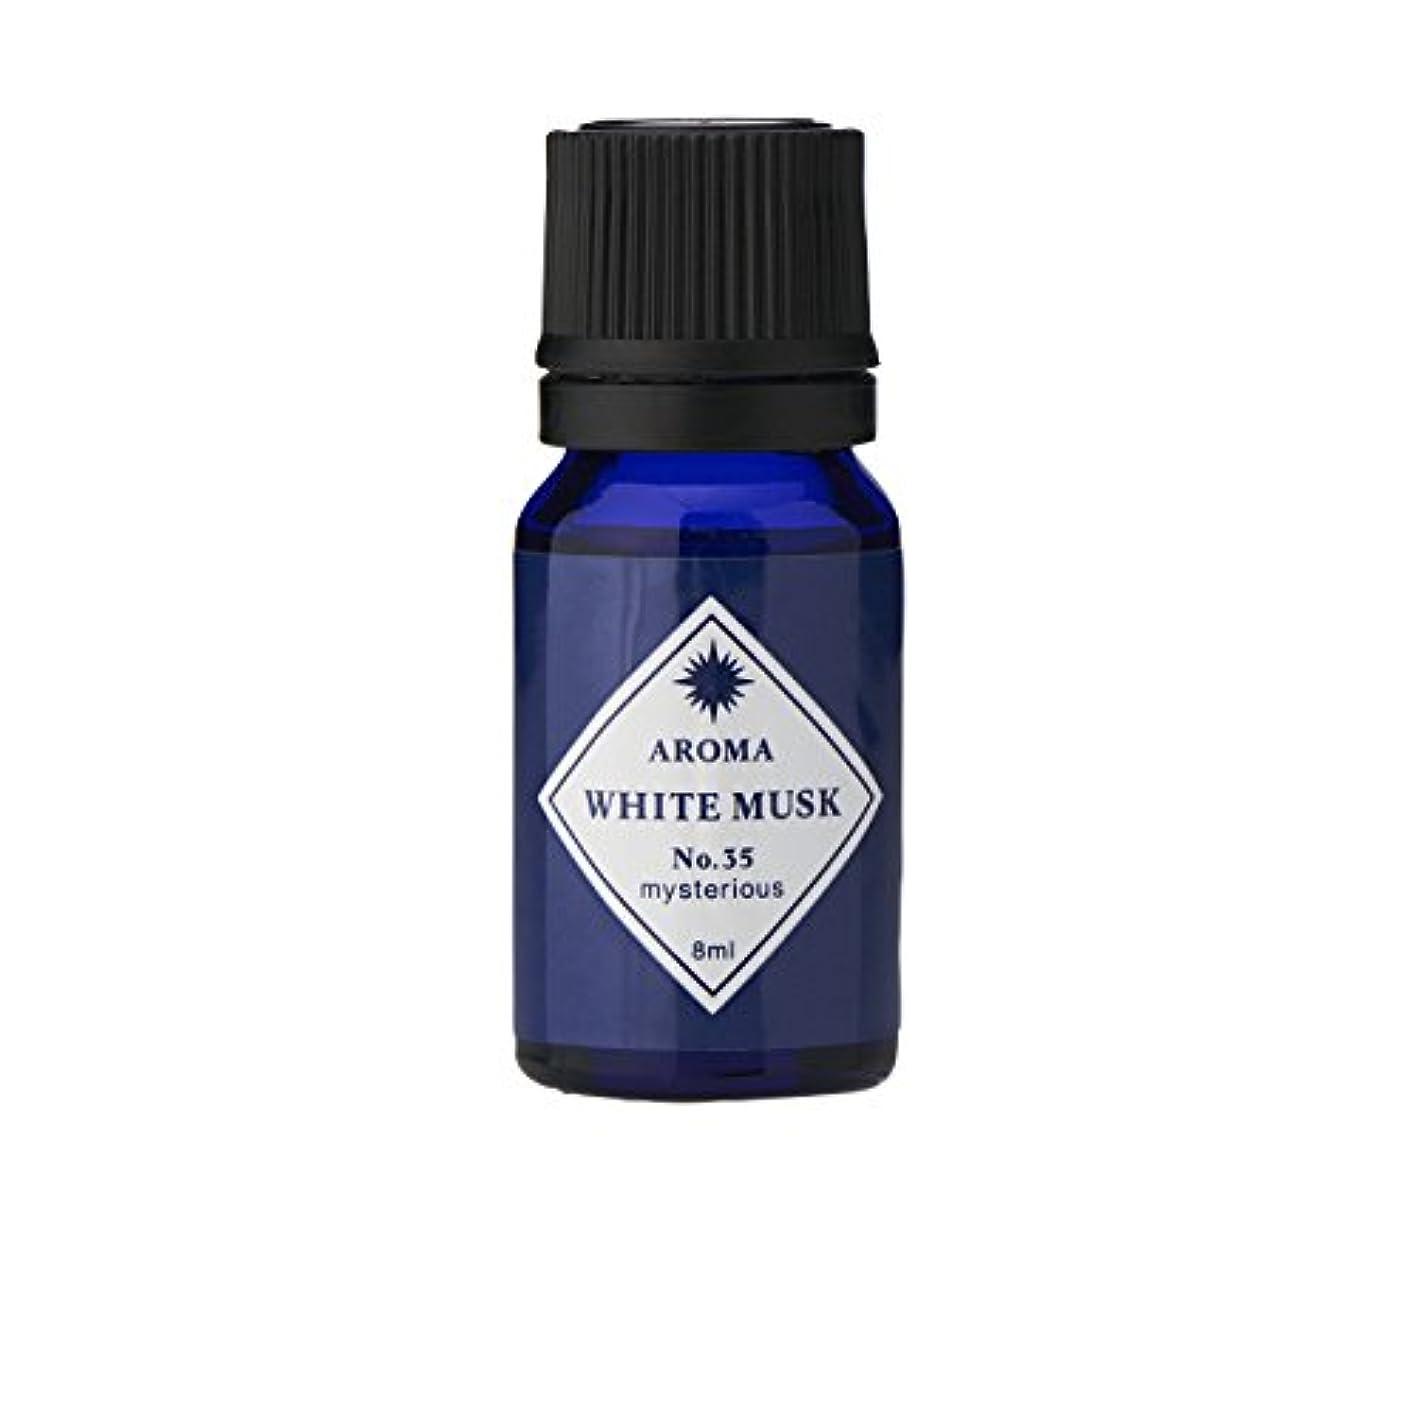 植木使役汚染ブルーラベル アロマエッセンス8ml ホワイトムスク(アロマオイル 調合香料 芳香用 魅惑的で洗練された万人に好まれる香り)